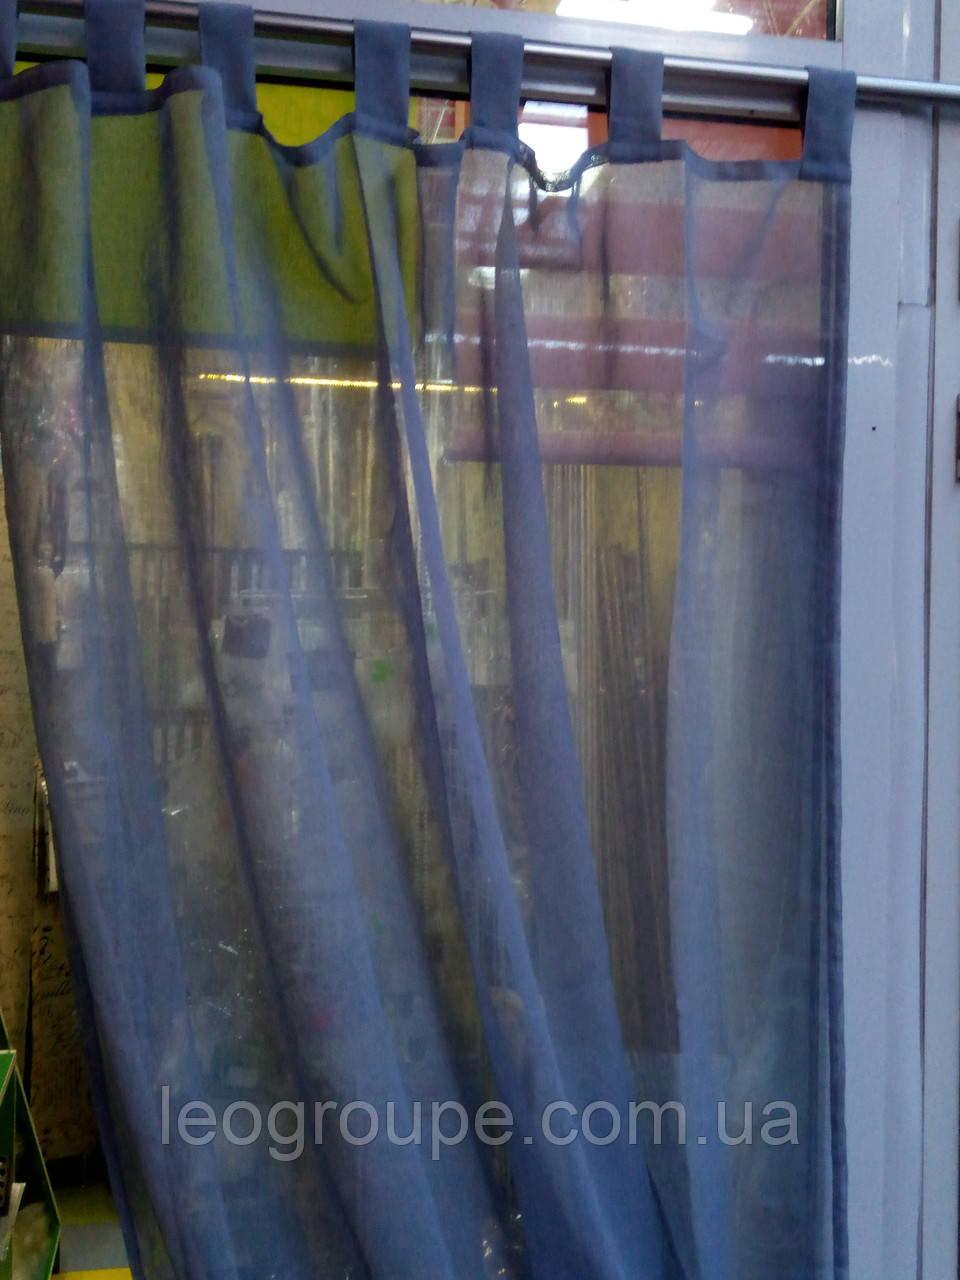 Тюль лен   Цвет дымчато -серый   3м х2,5м